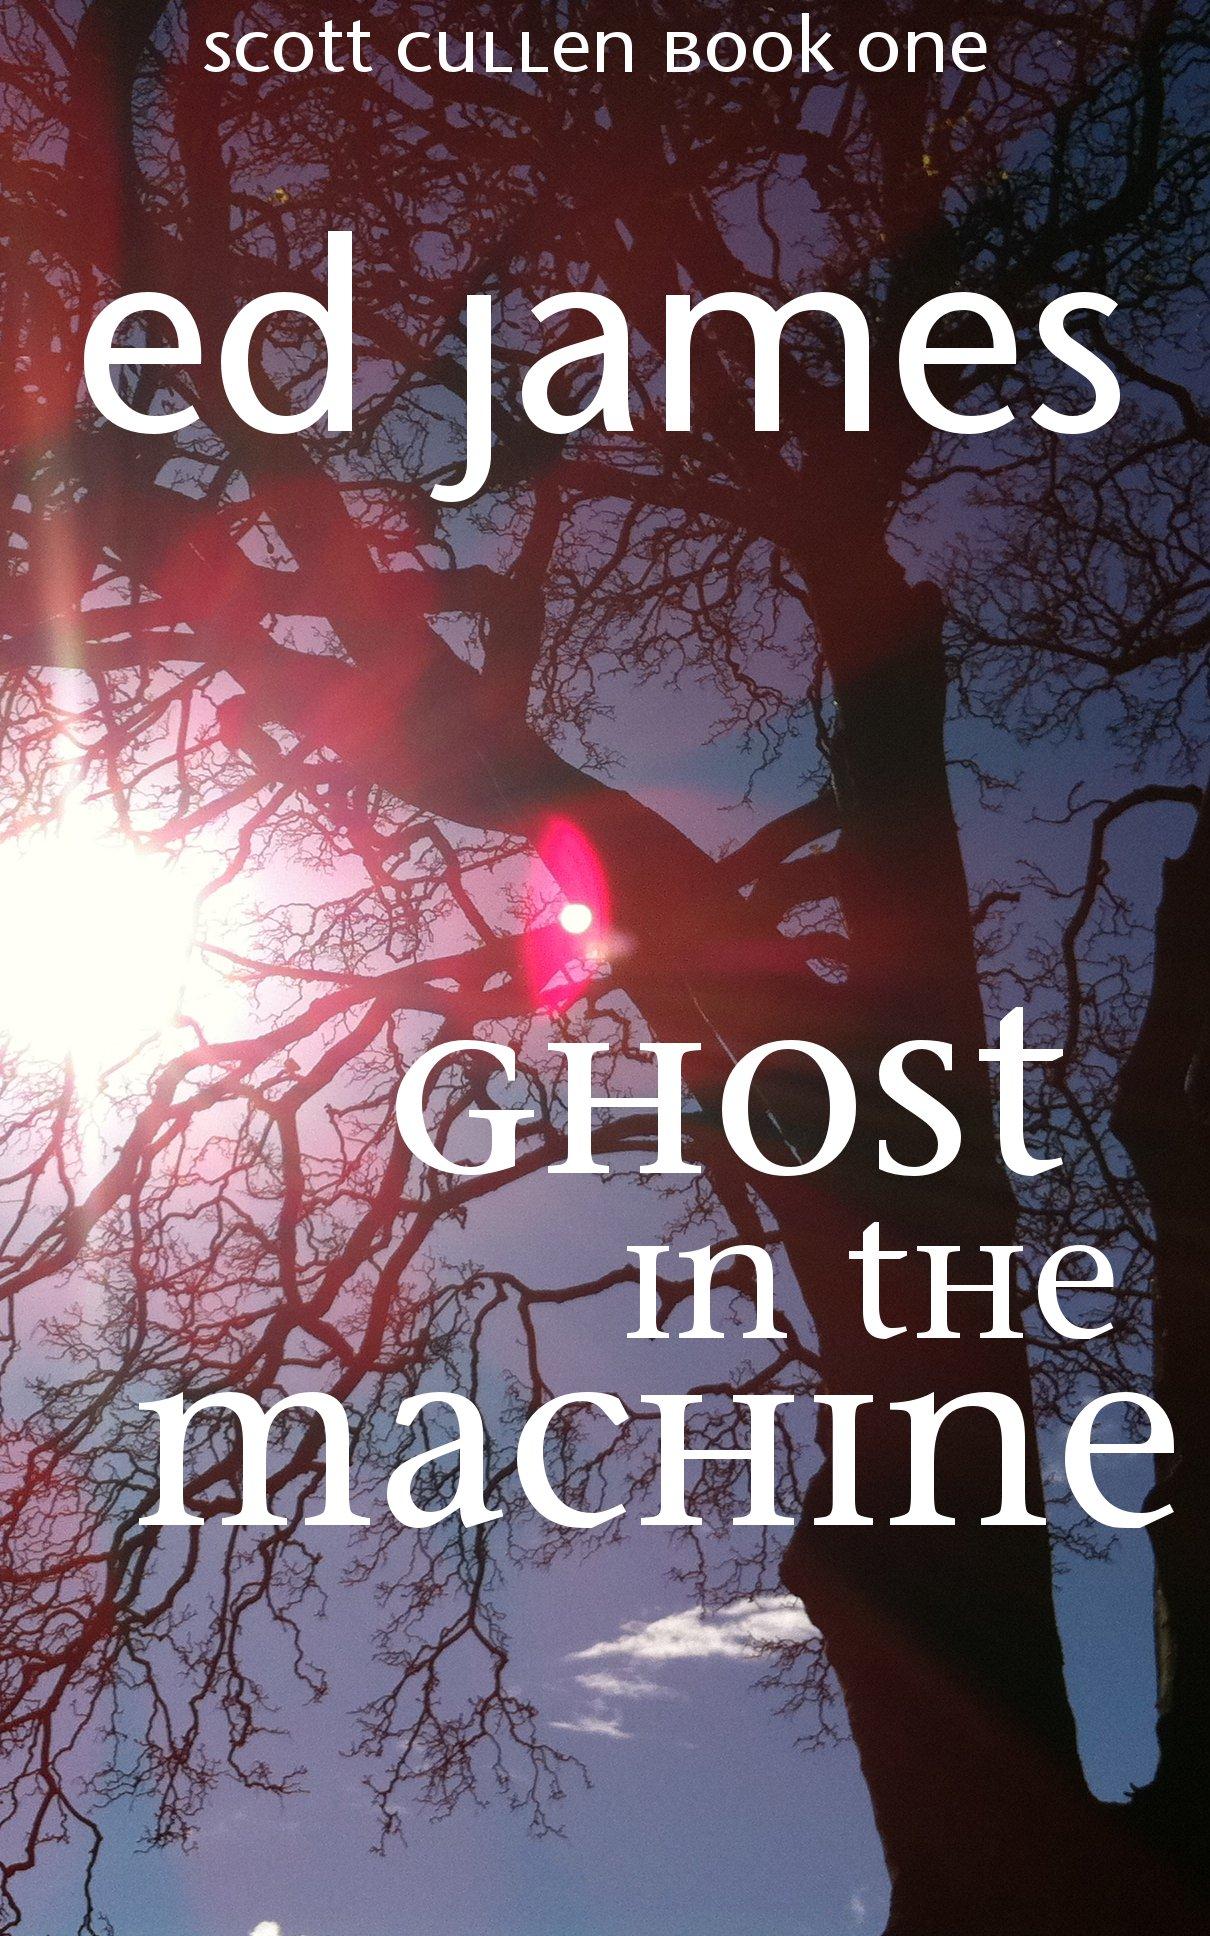 Sneak Peek: Ghost in the Machine by Ed James